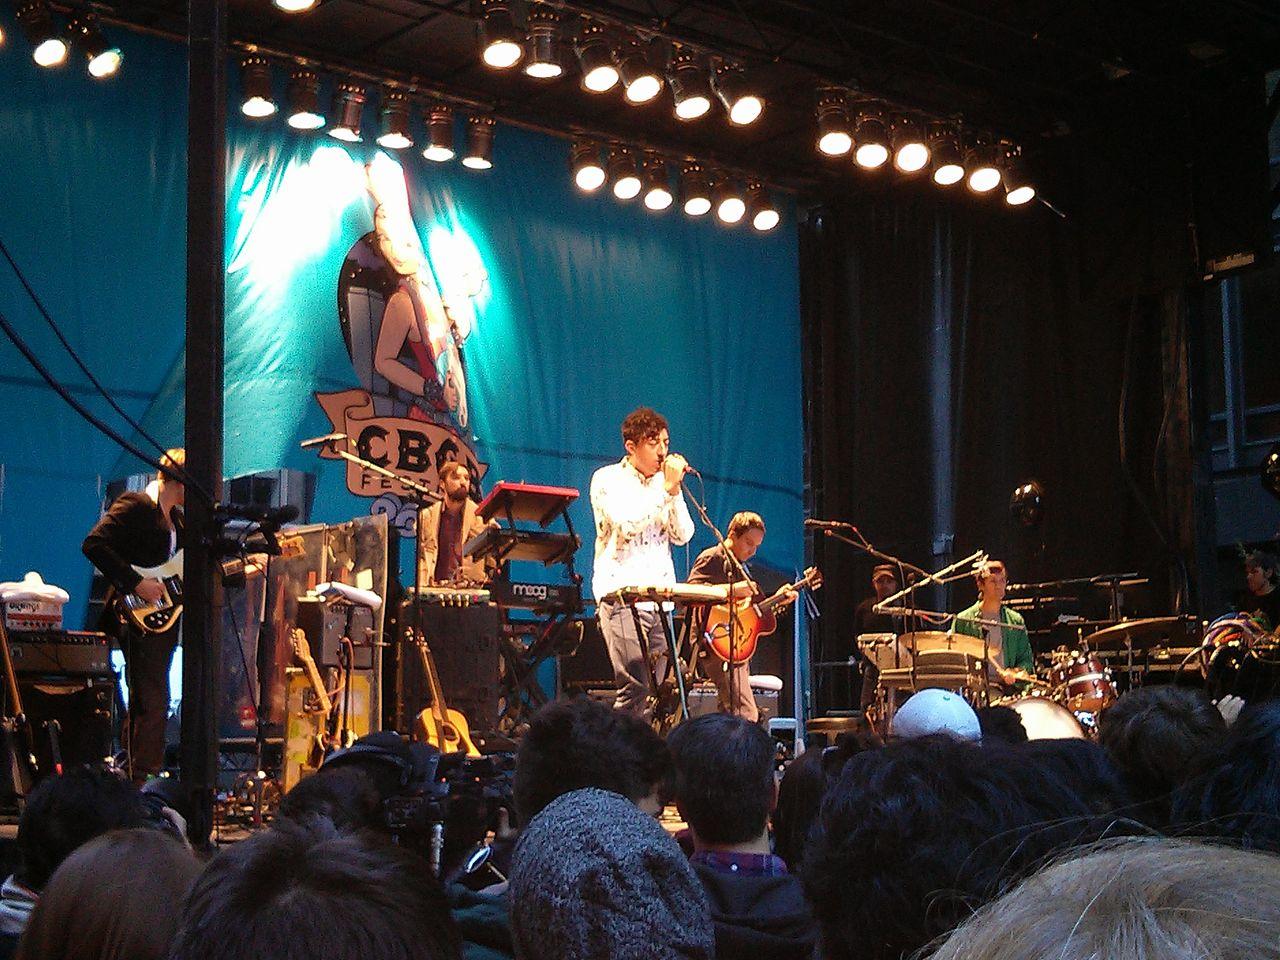 Grizzly_Bear_at_CBGB_Festival_October_2013.jpeg-2.jpeg